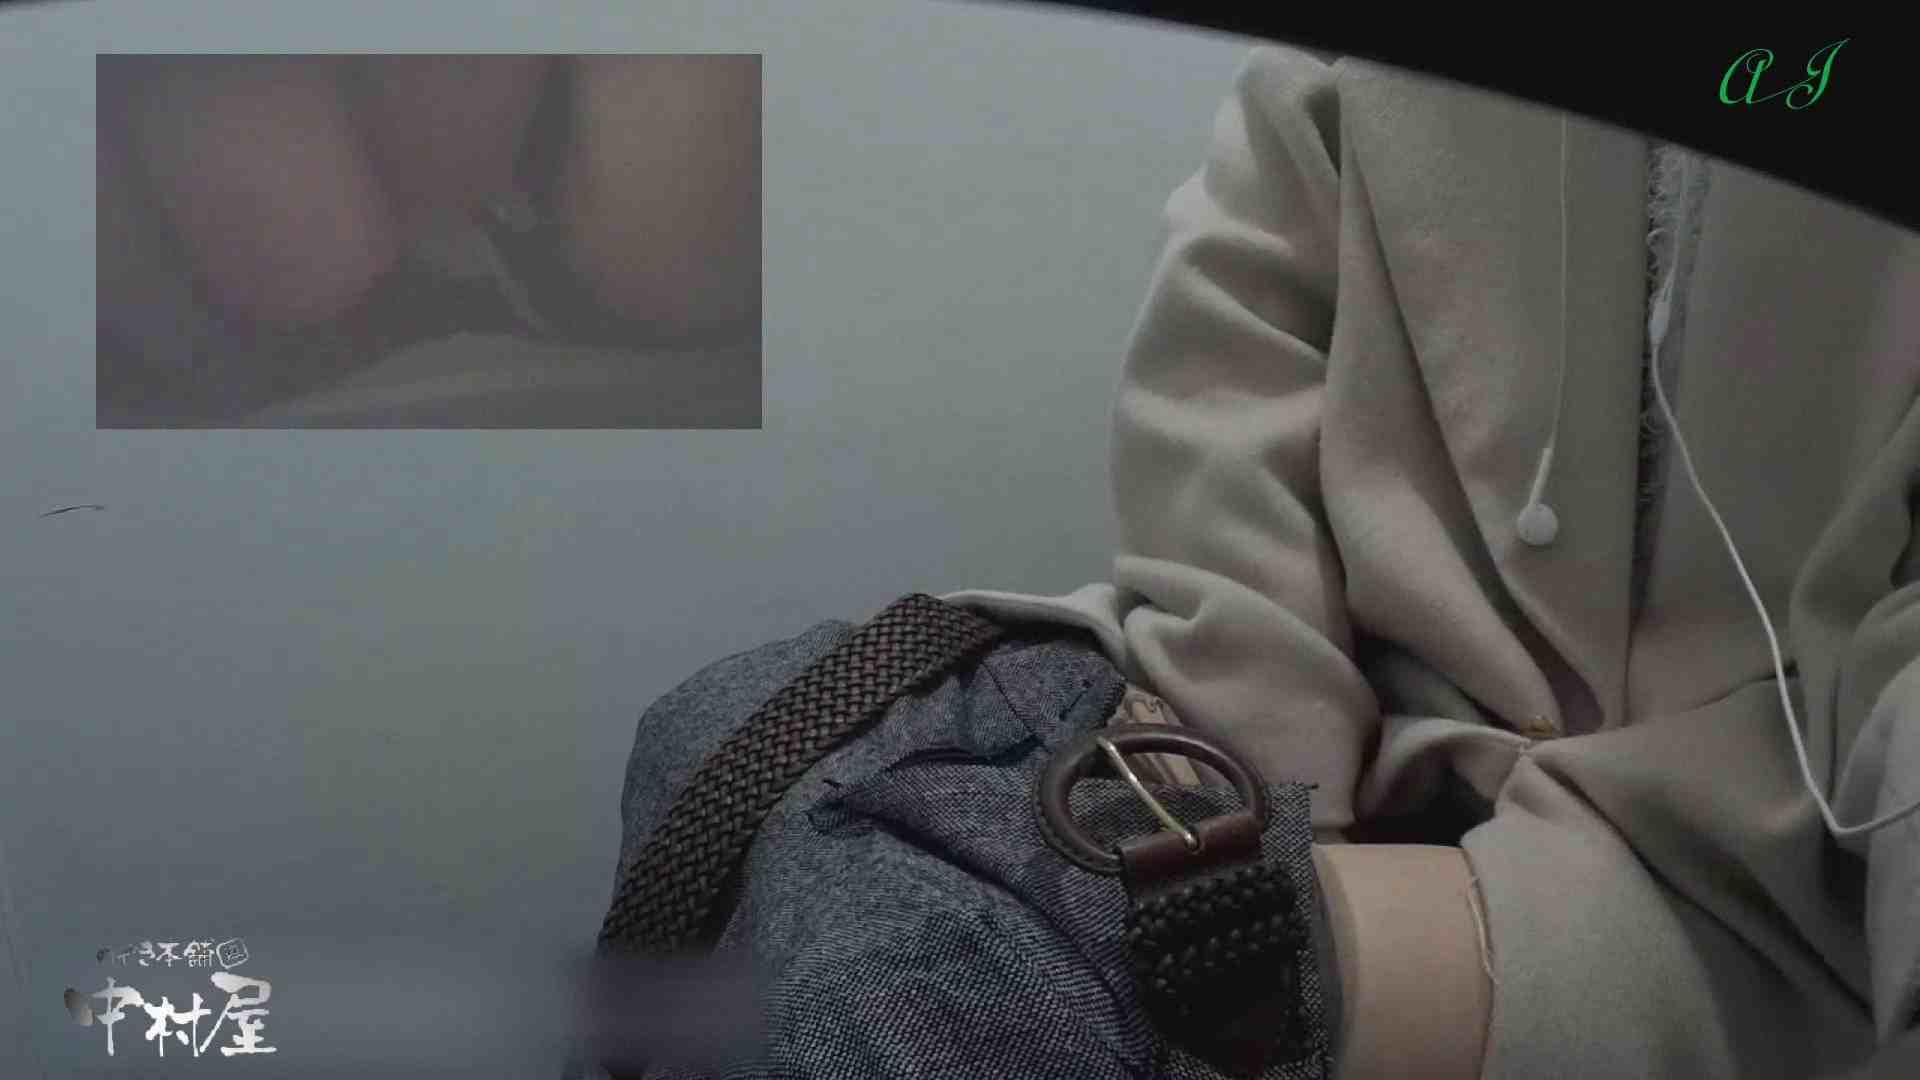 有名大学女性洗面所 vol.78 美女勢揃い 前編 人気シリーズ すけべAV動画紹介 105PIX 9